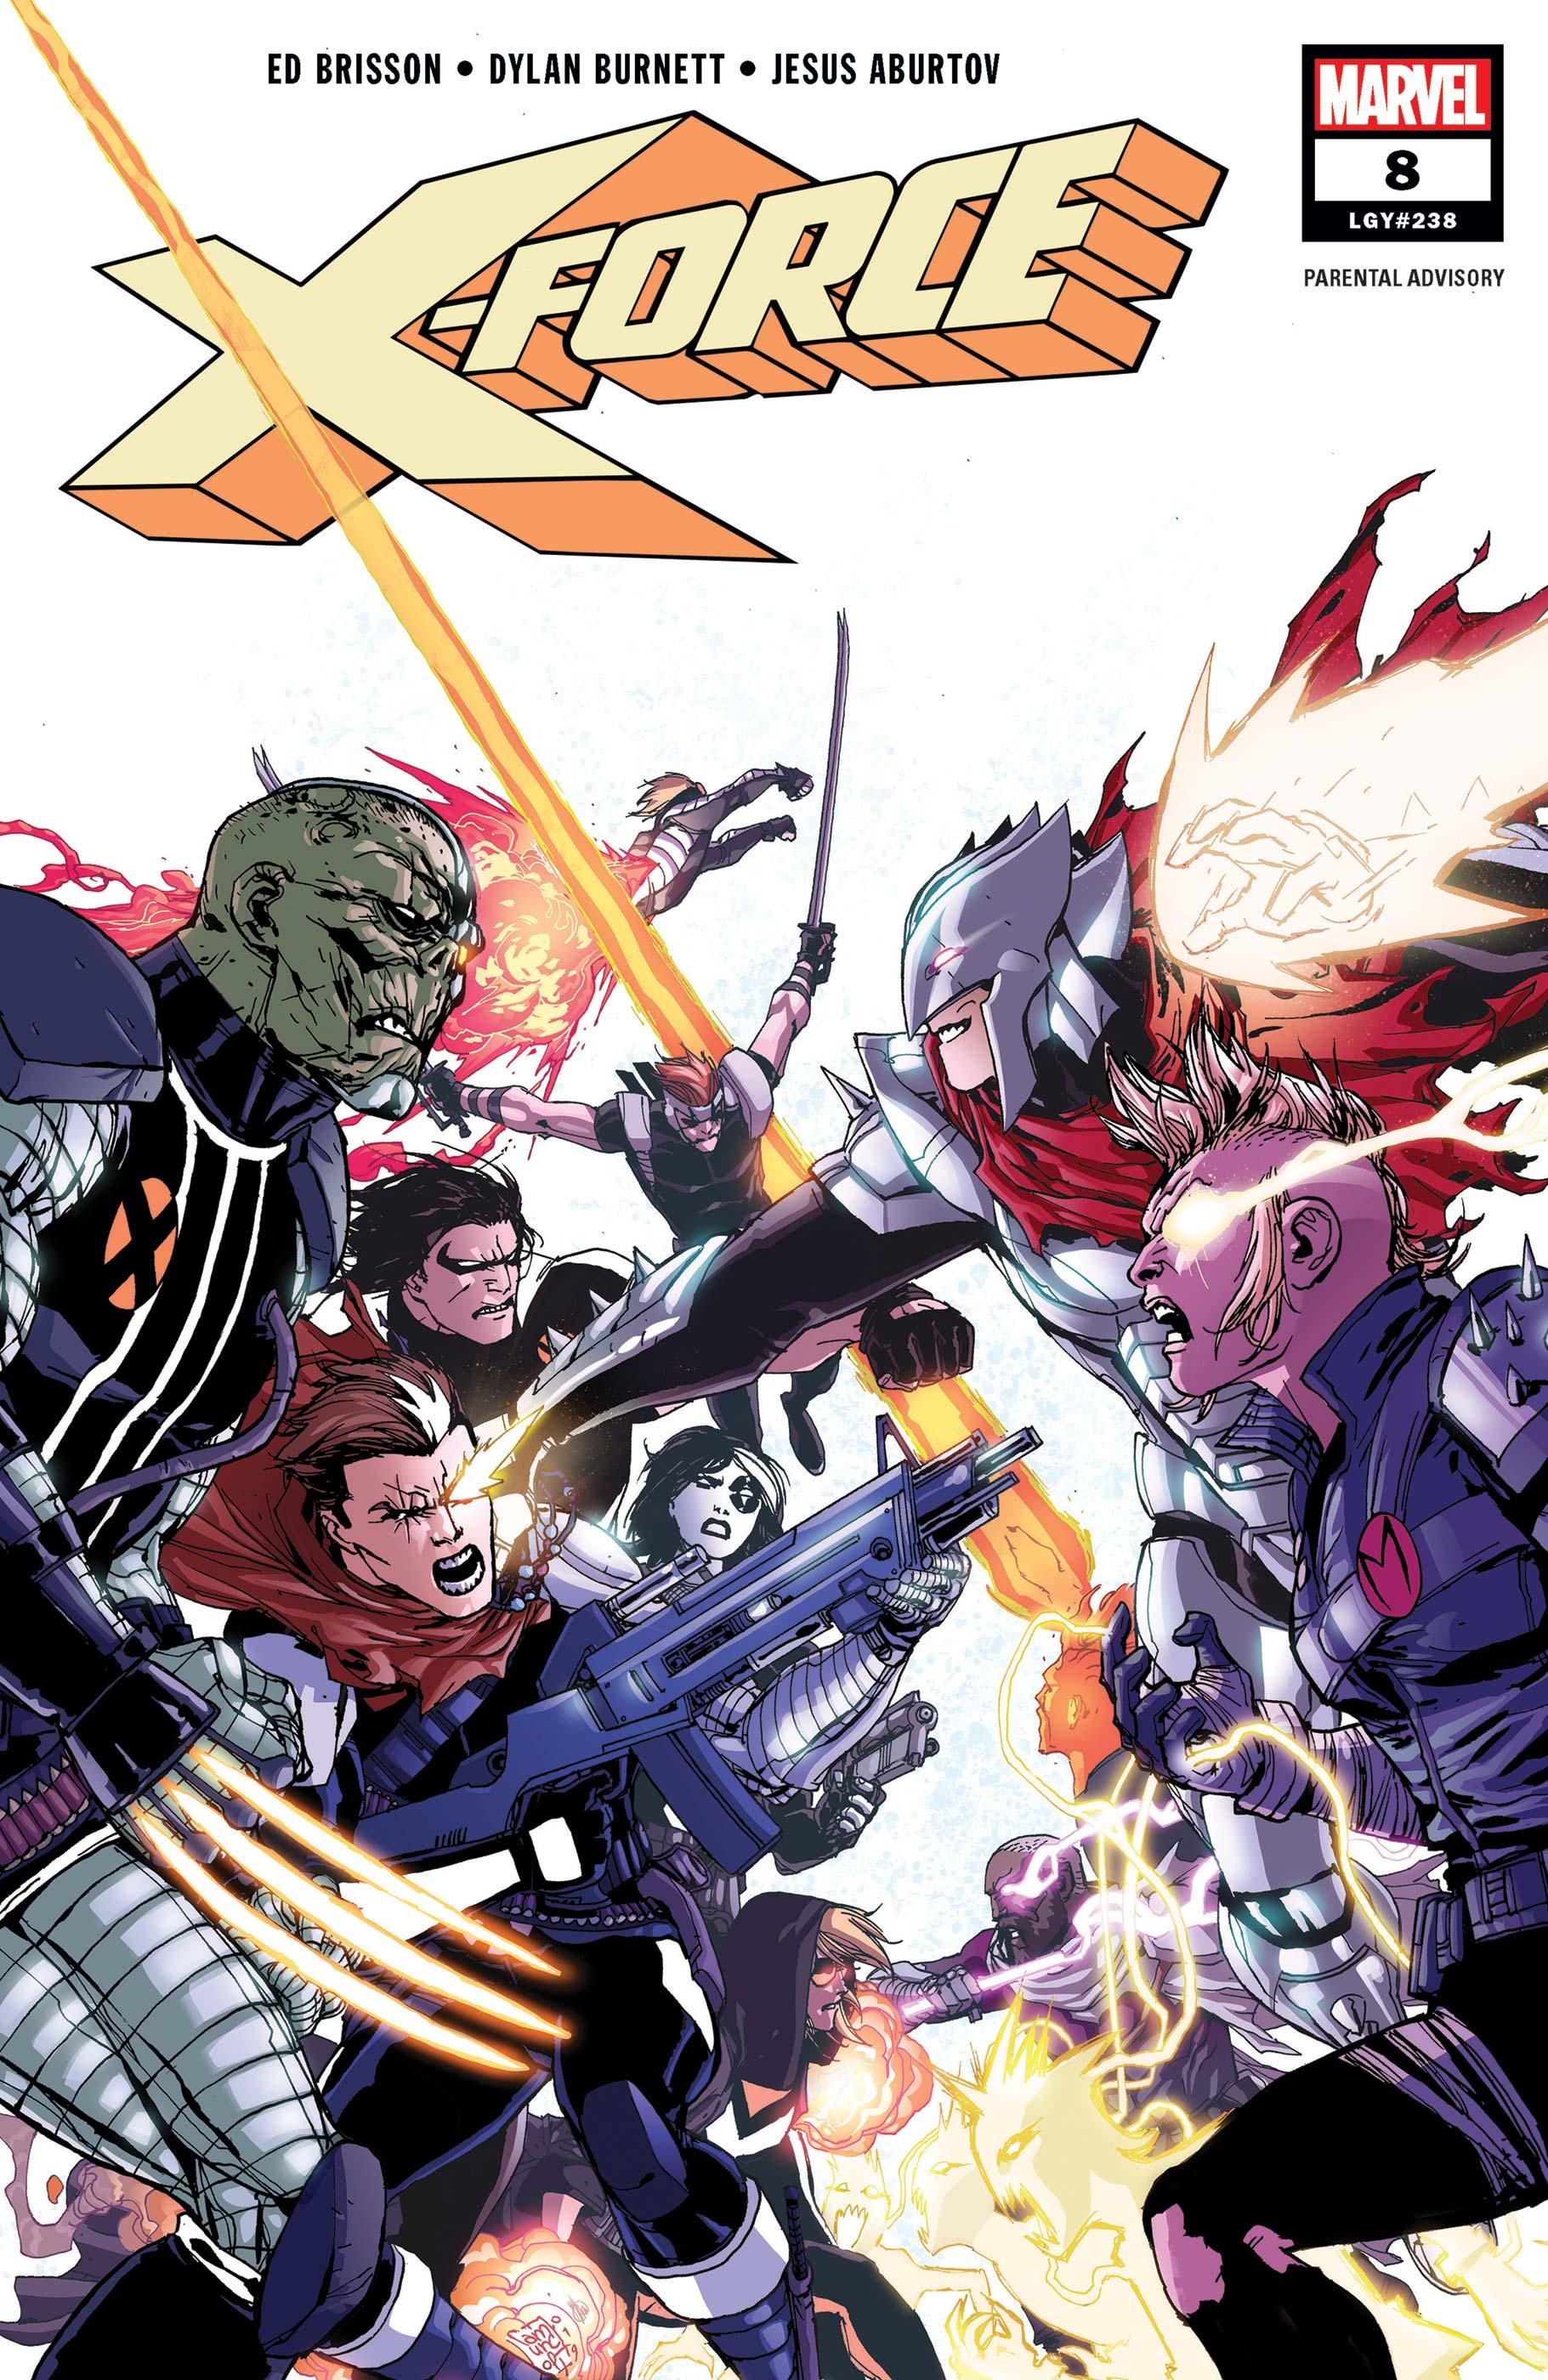 X-Force (2018) #8